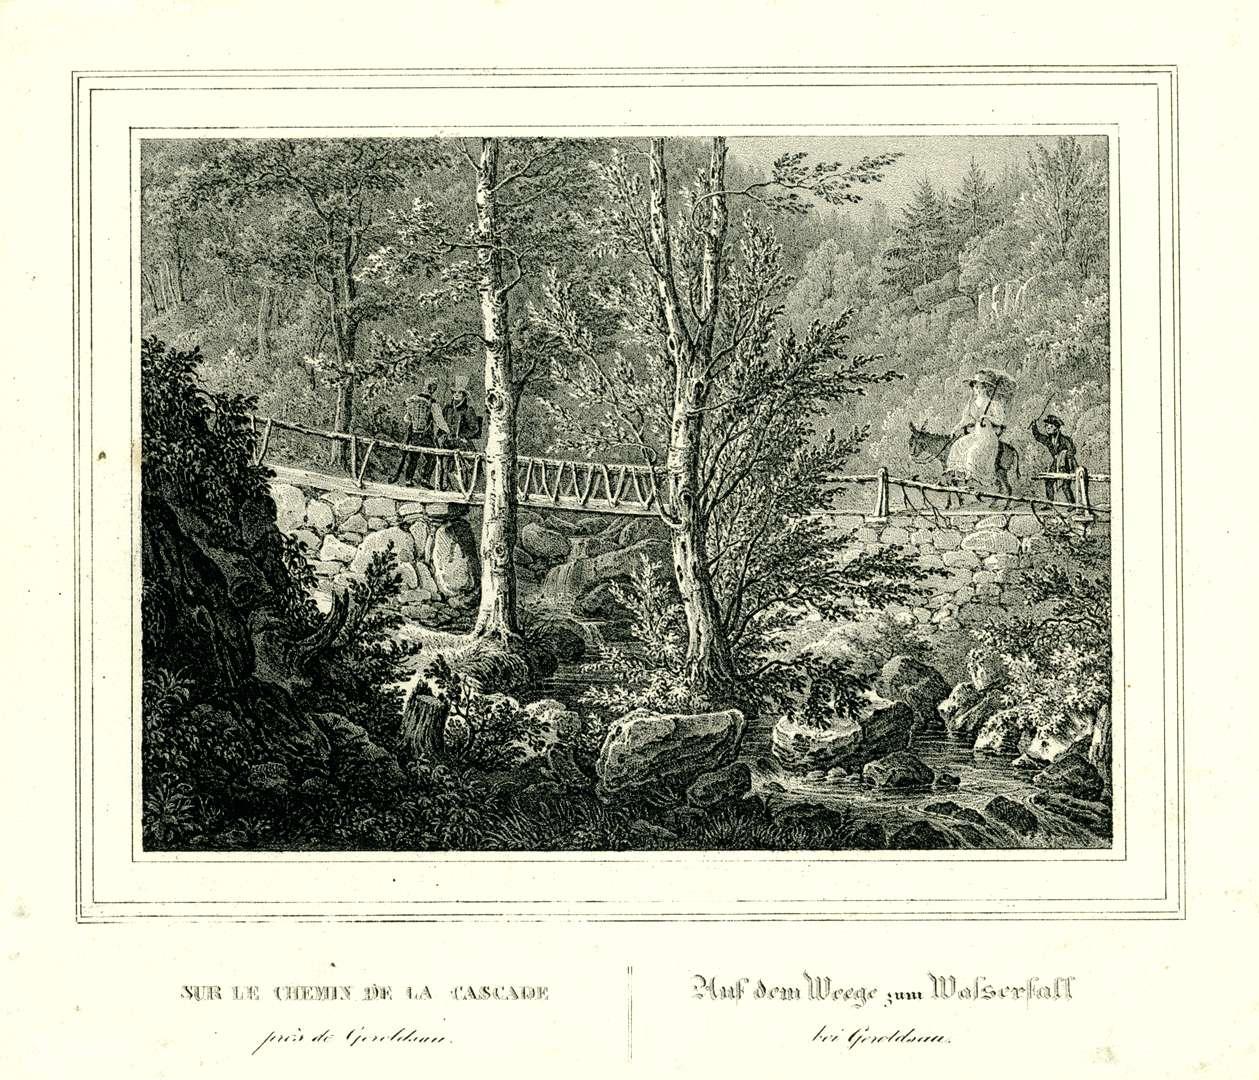 Auf dem Wege zum Wasserfall bei Geroldsau, Sur le chemin de la cascade près de Geroldsau, Bild 1